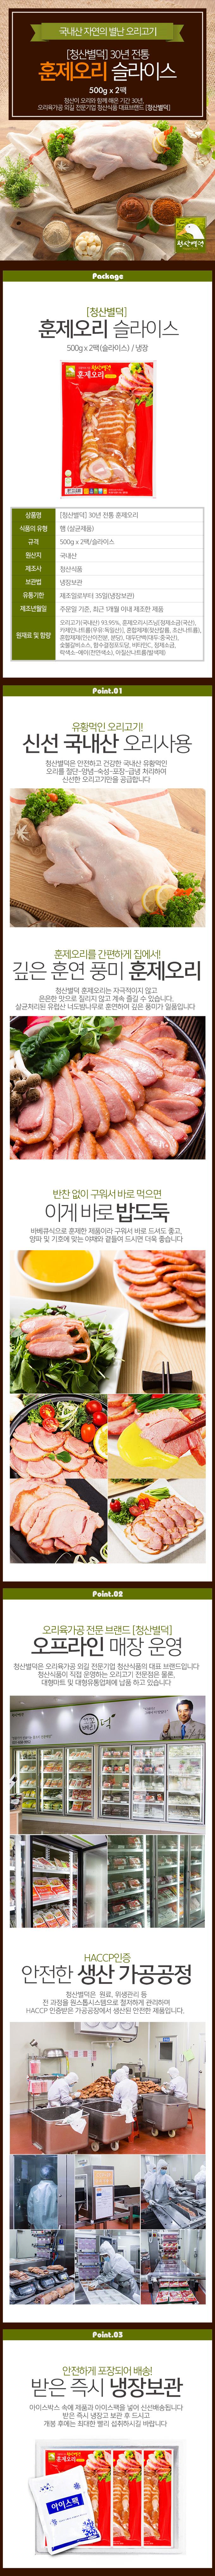 choungsan-duck_hunjeori_500gx2.jpg